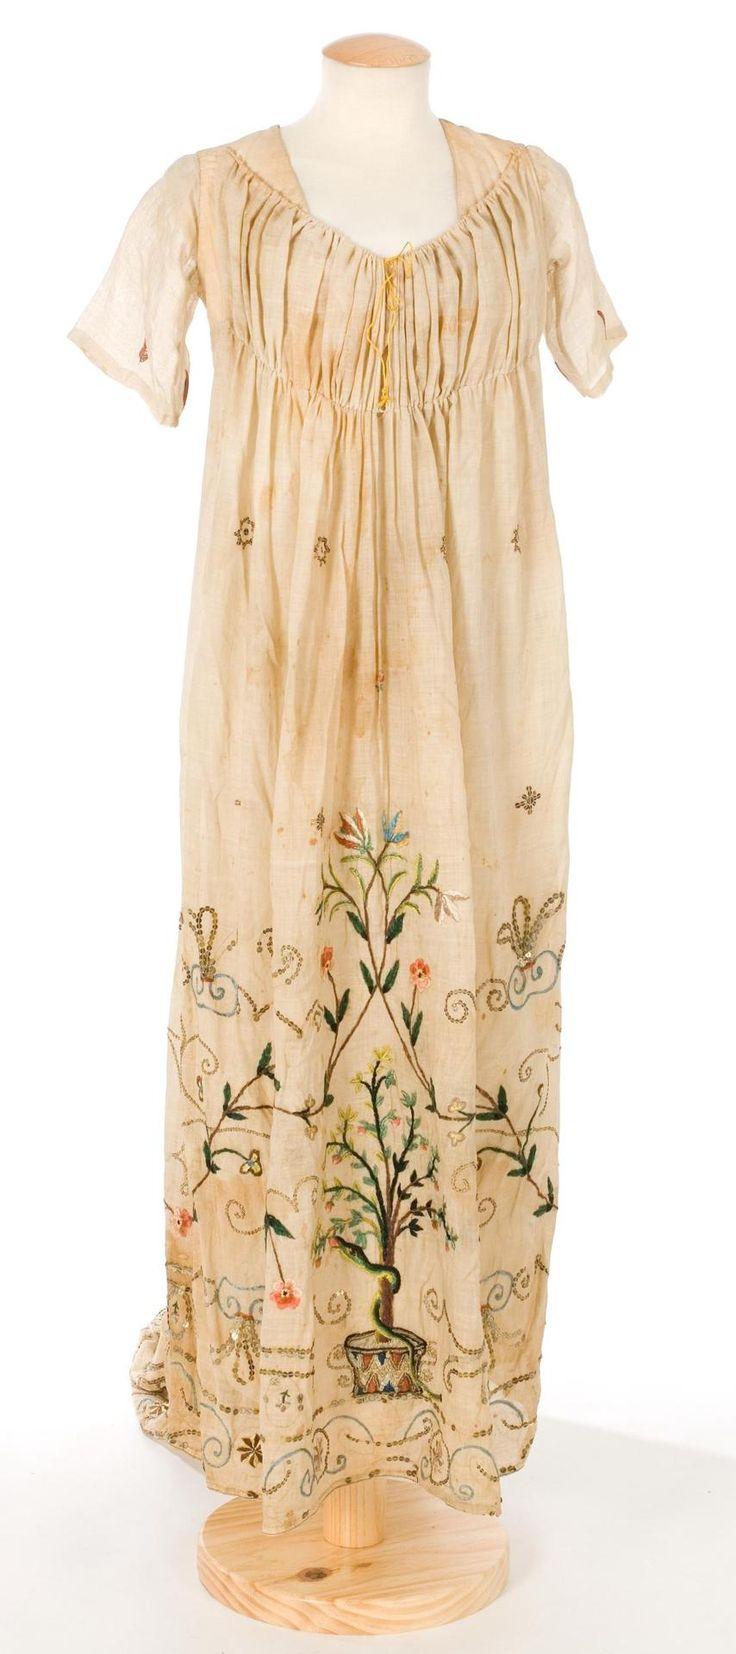 dress, 1800s: Center, Museu Tèxtil, Historical Clothing, De Documentació, Embroidered Dresses, 1800S Centre, 1800 S, 1800S Dresses, Dresses 1800S